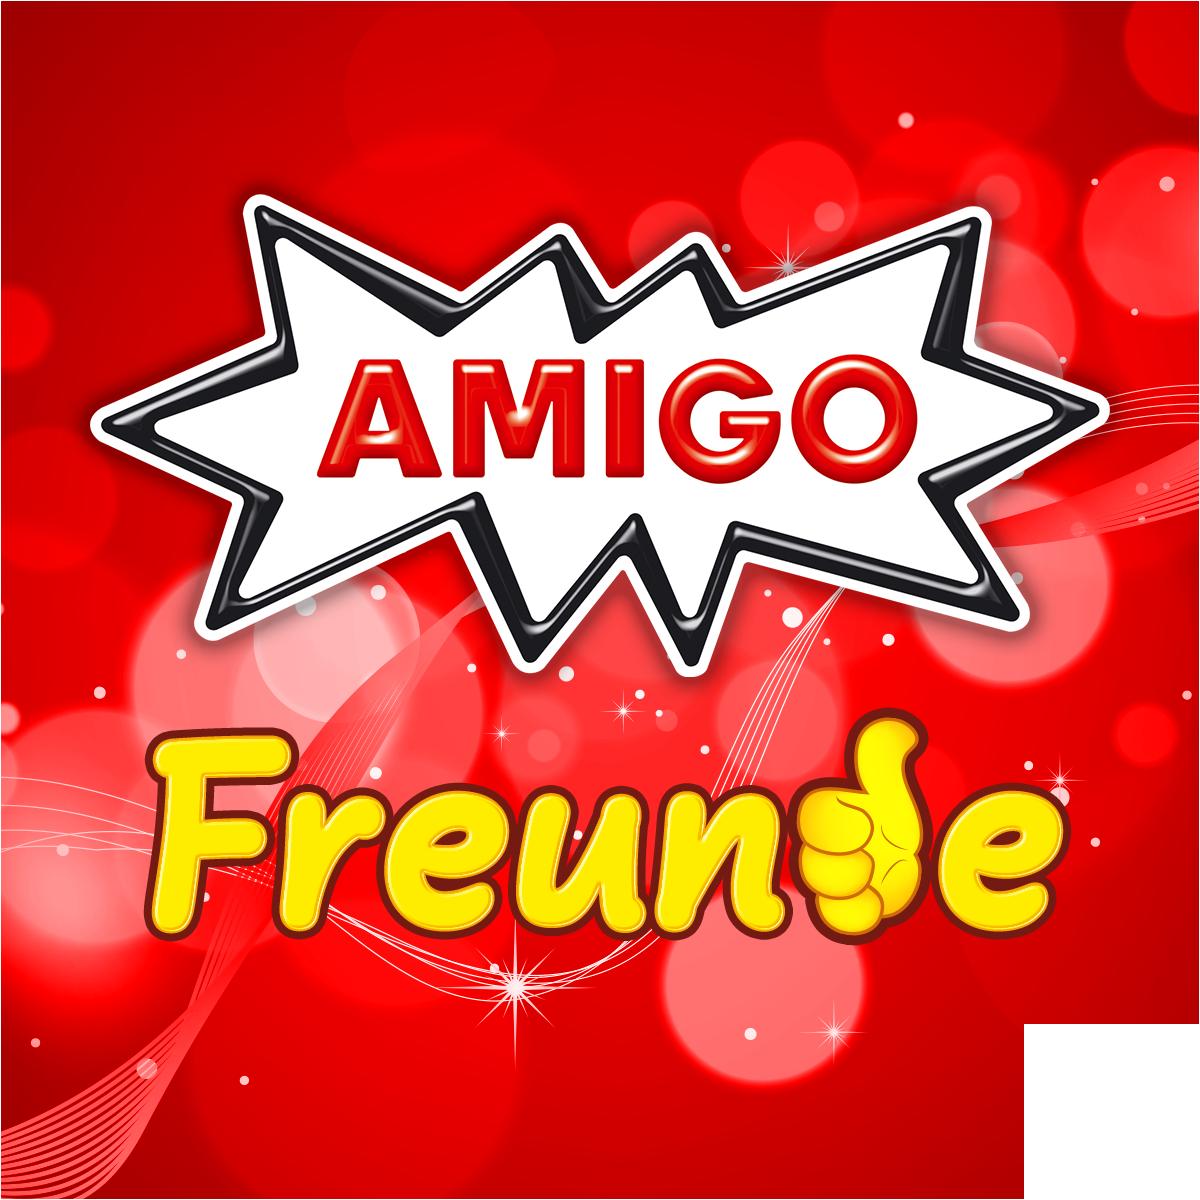 AMIGO-Freunde